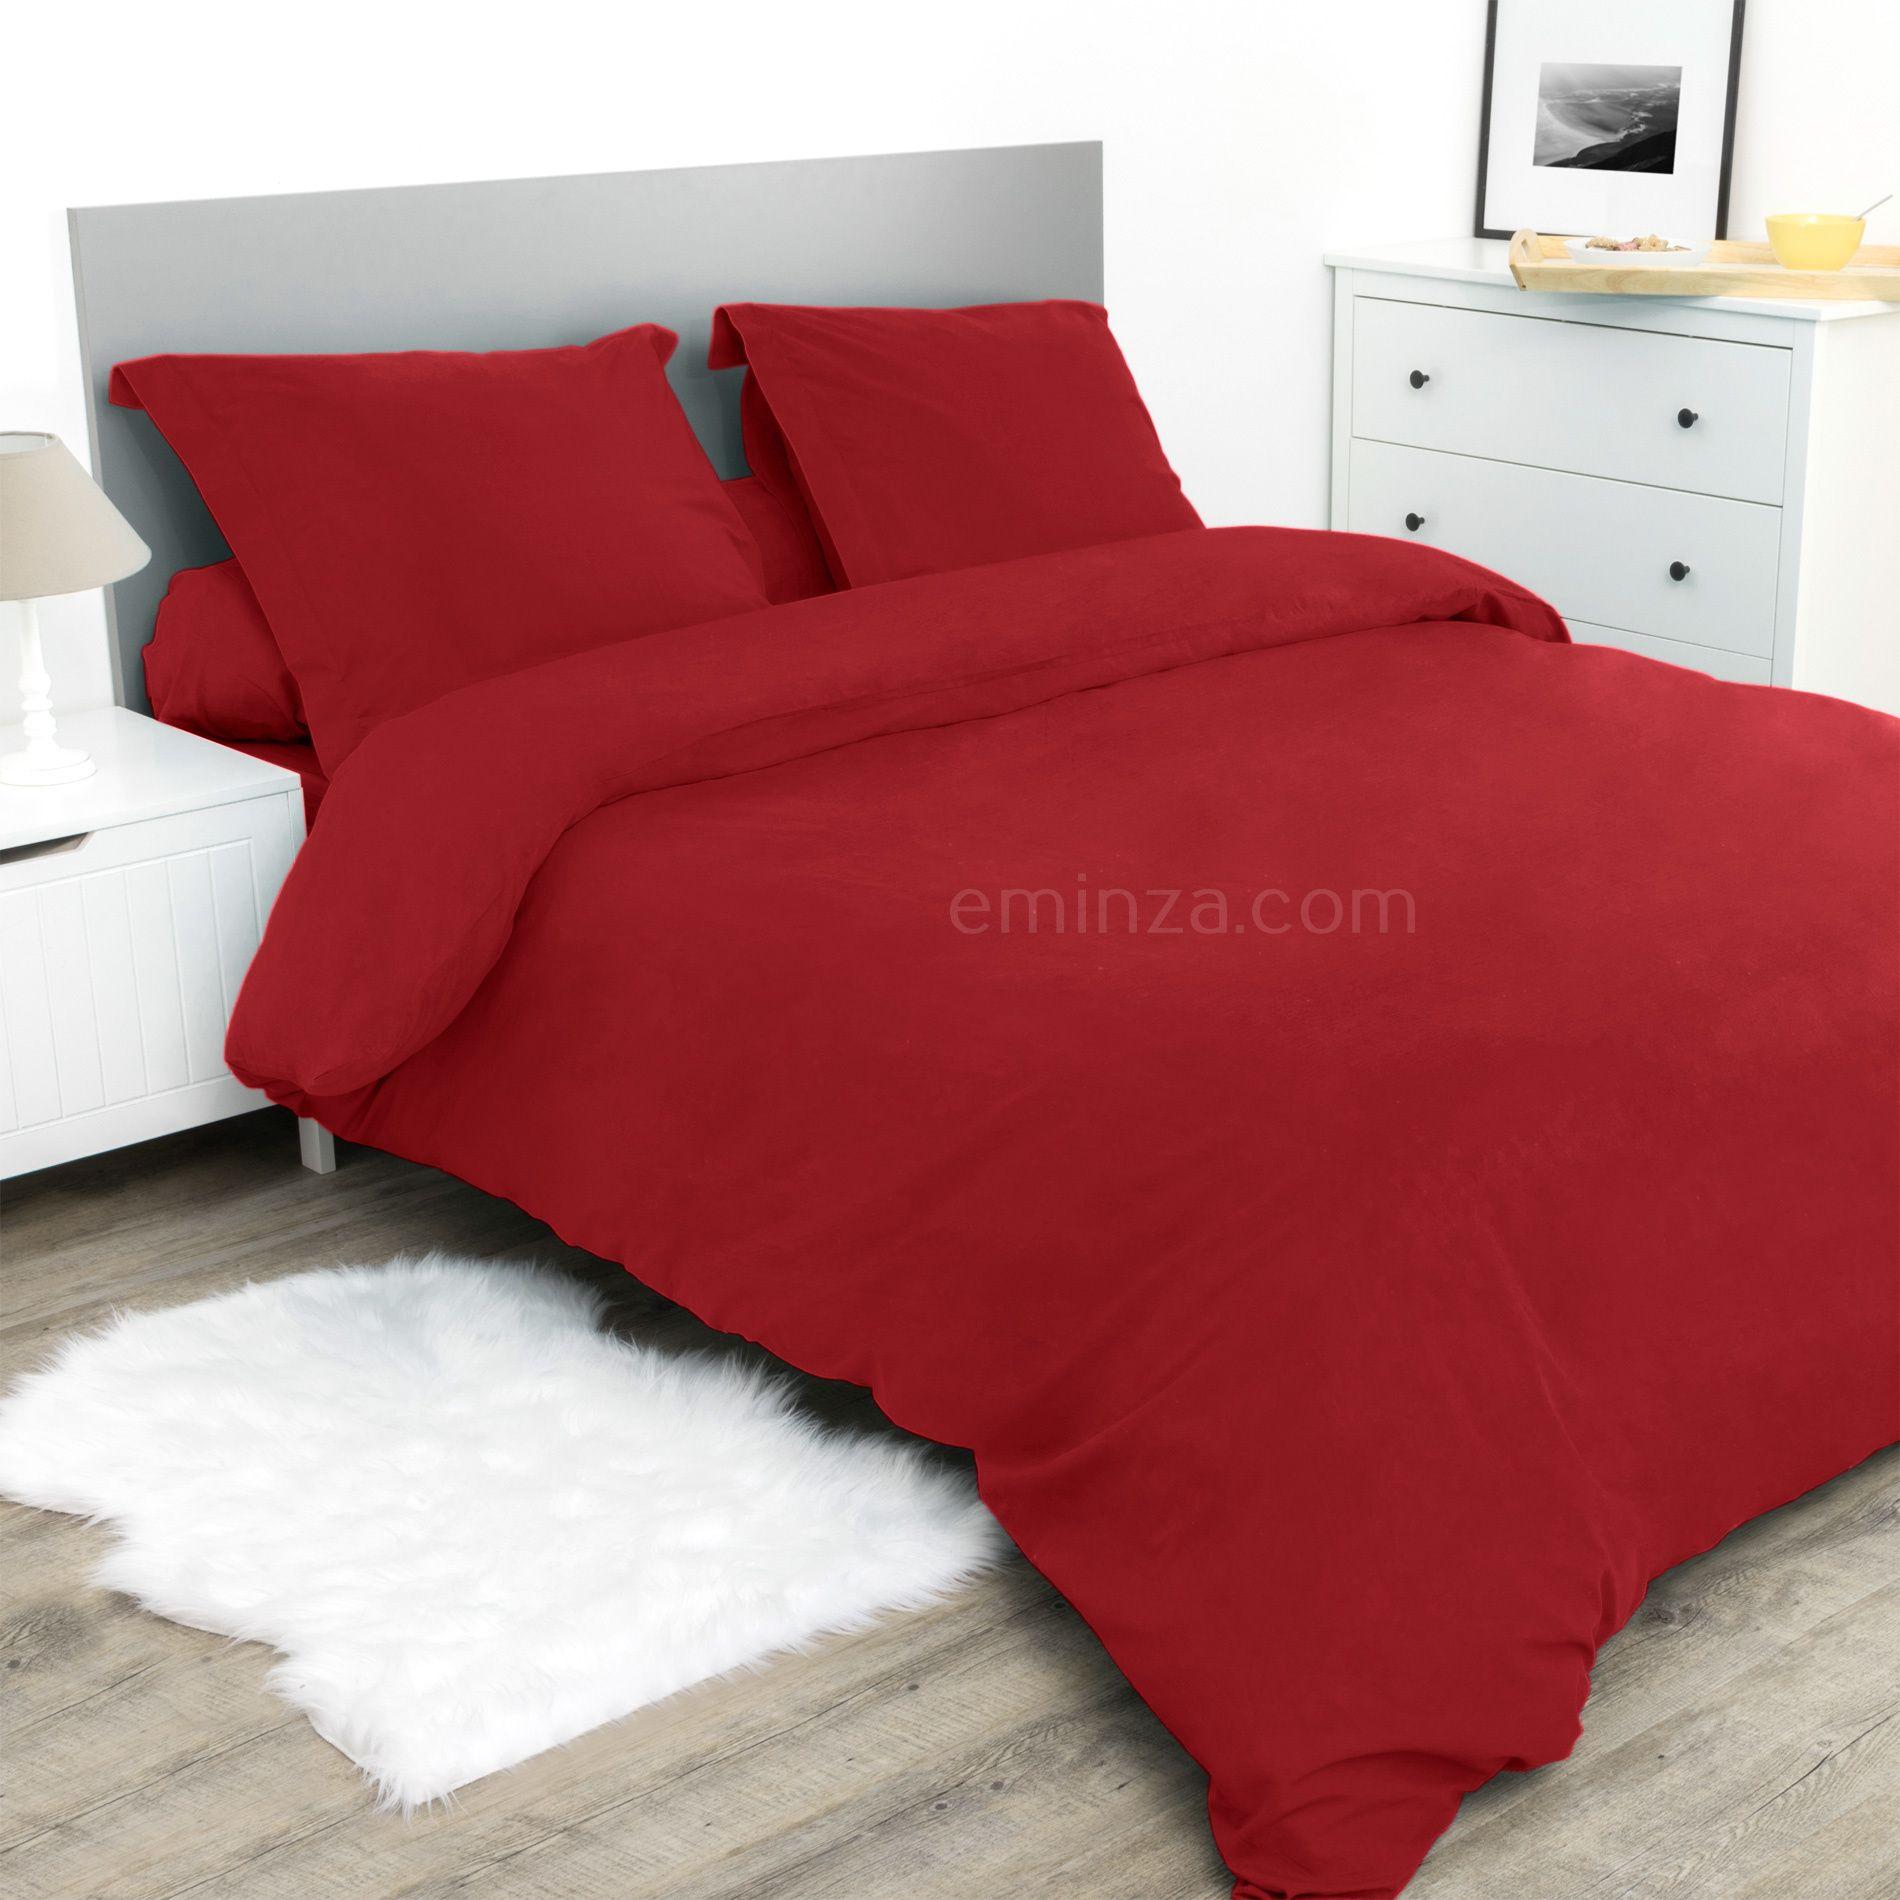 housse de couette 260 cm confort rouge housse de couette eminza. Black Bedroom Furniture Sets. Home Design Ideas